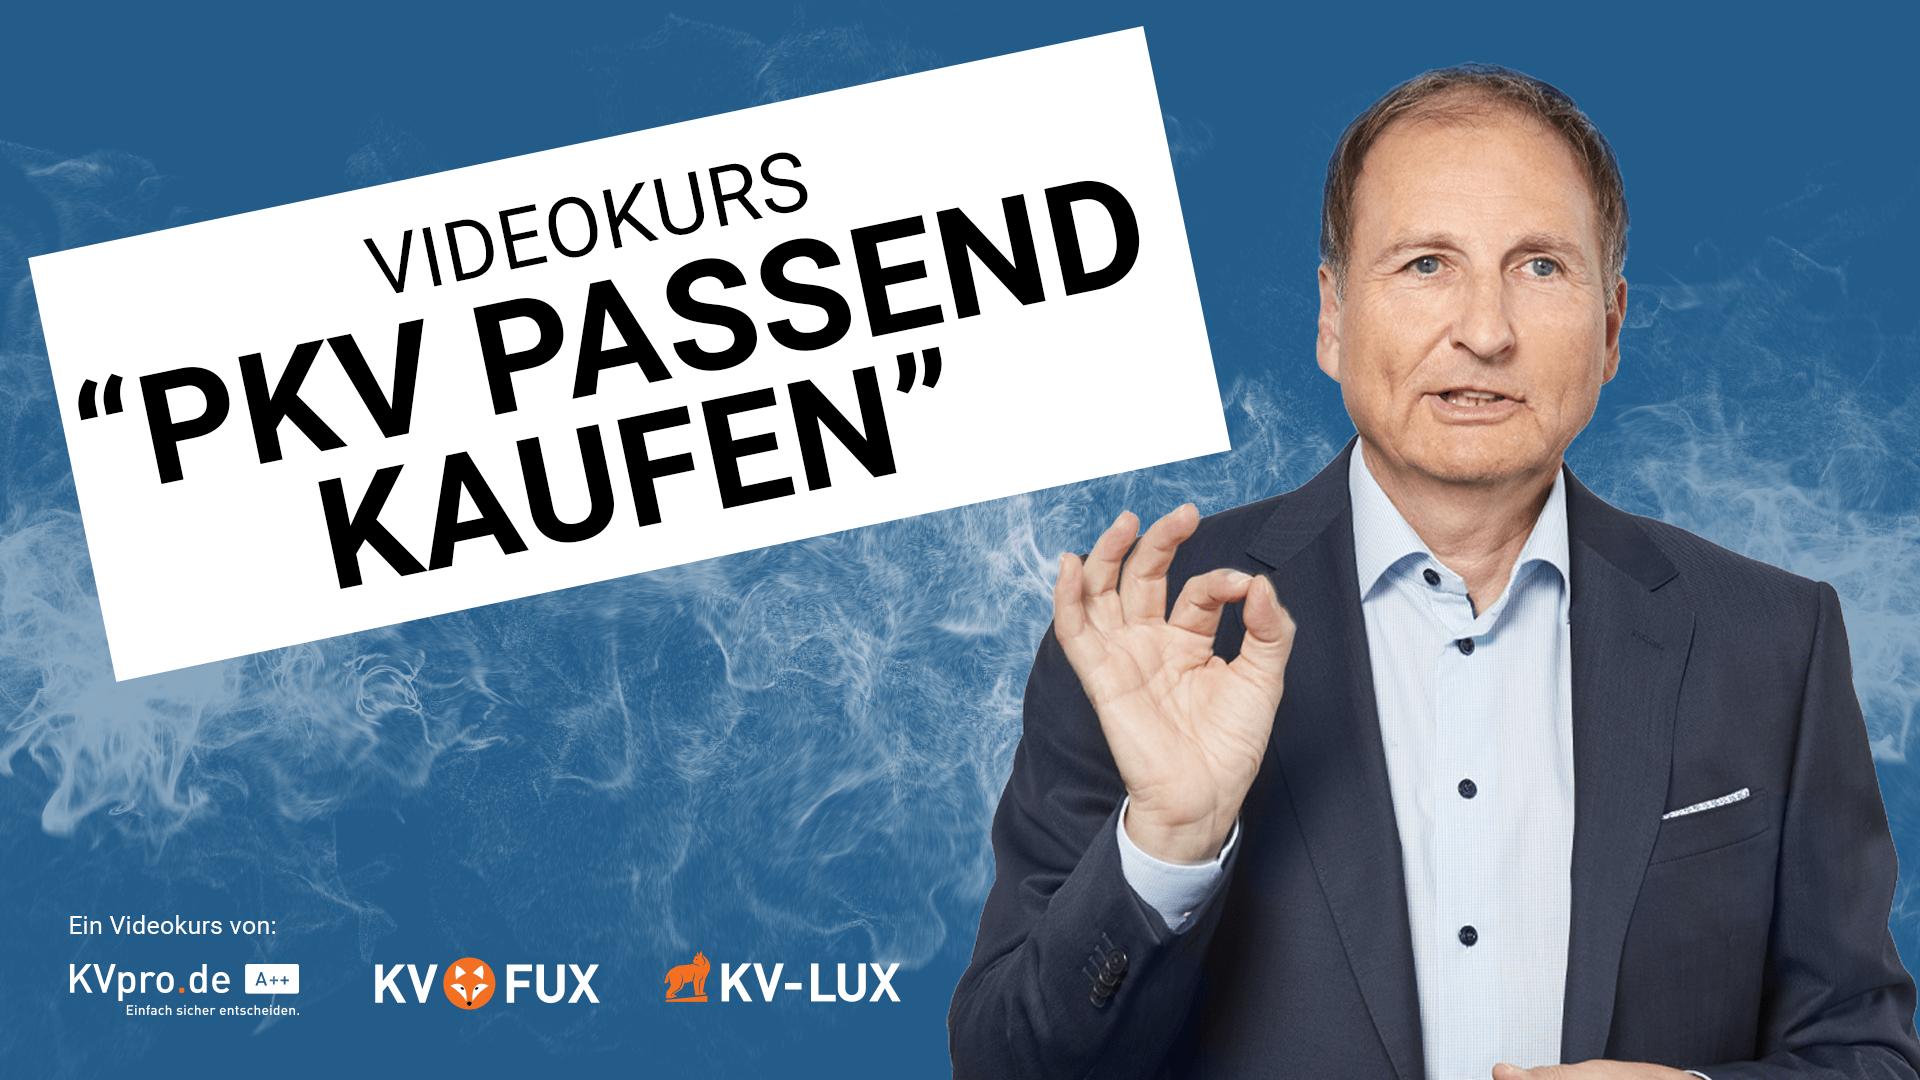 """Videokurs """"PKV passend kaufen"""" - Ihr Online Versicherungsberater Gerd Güssler"""